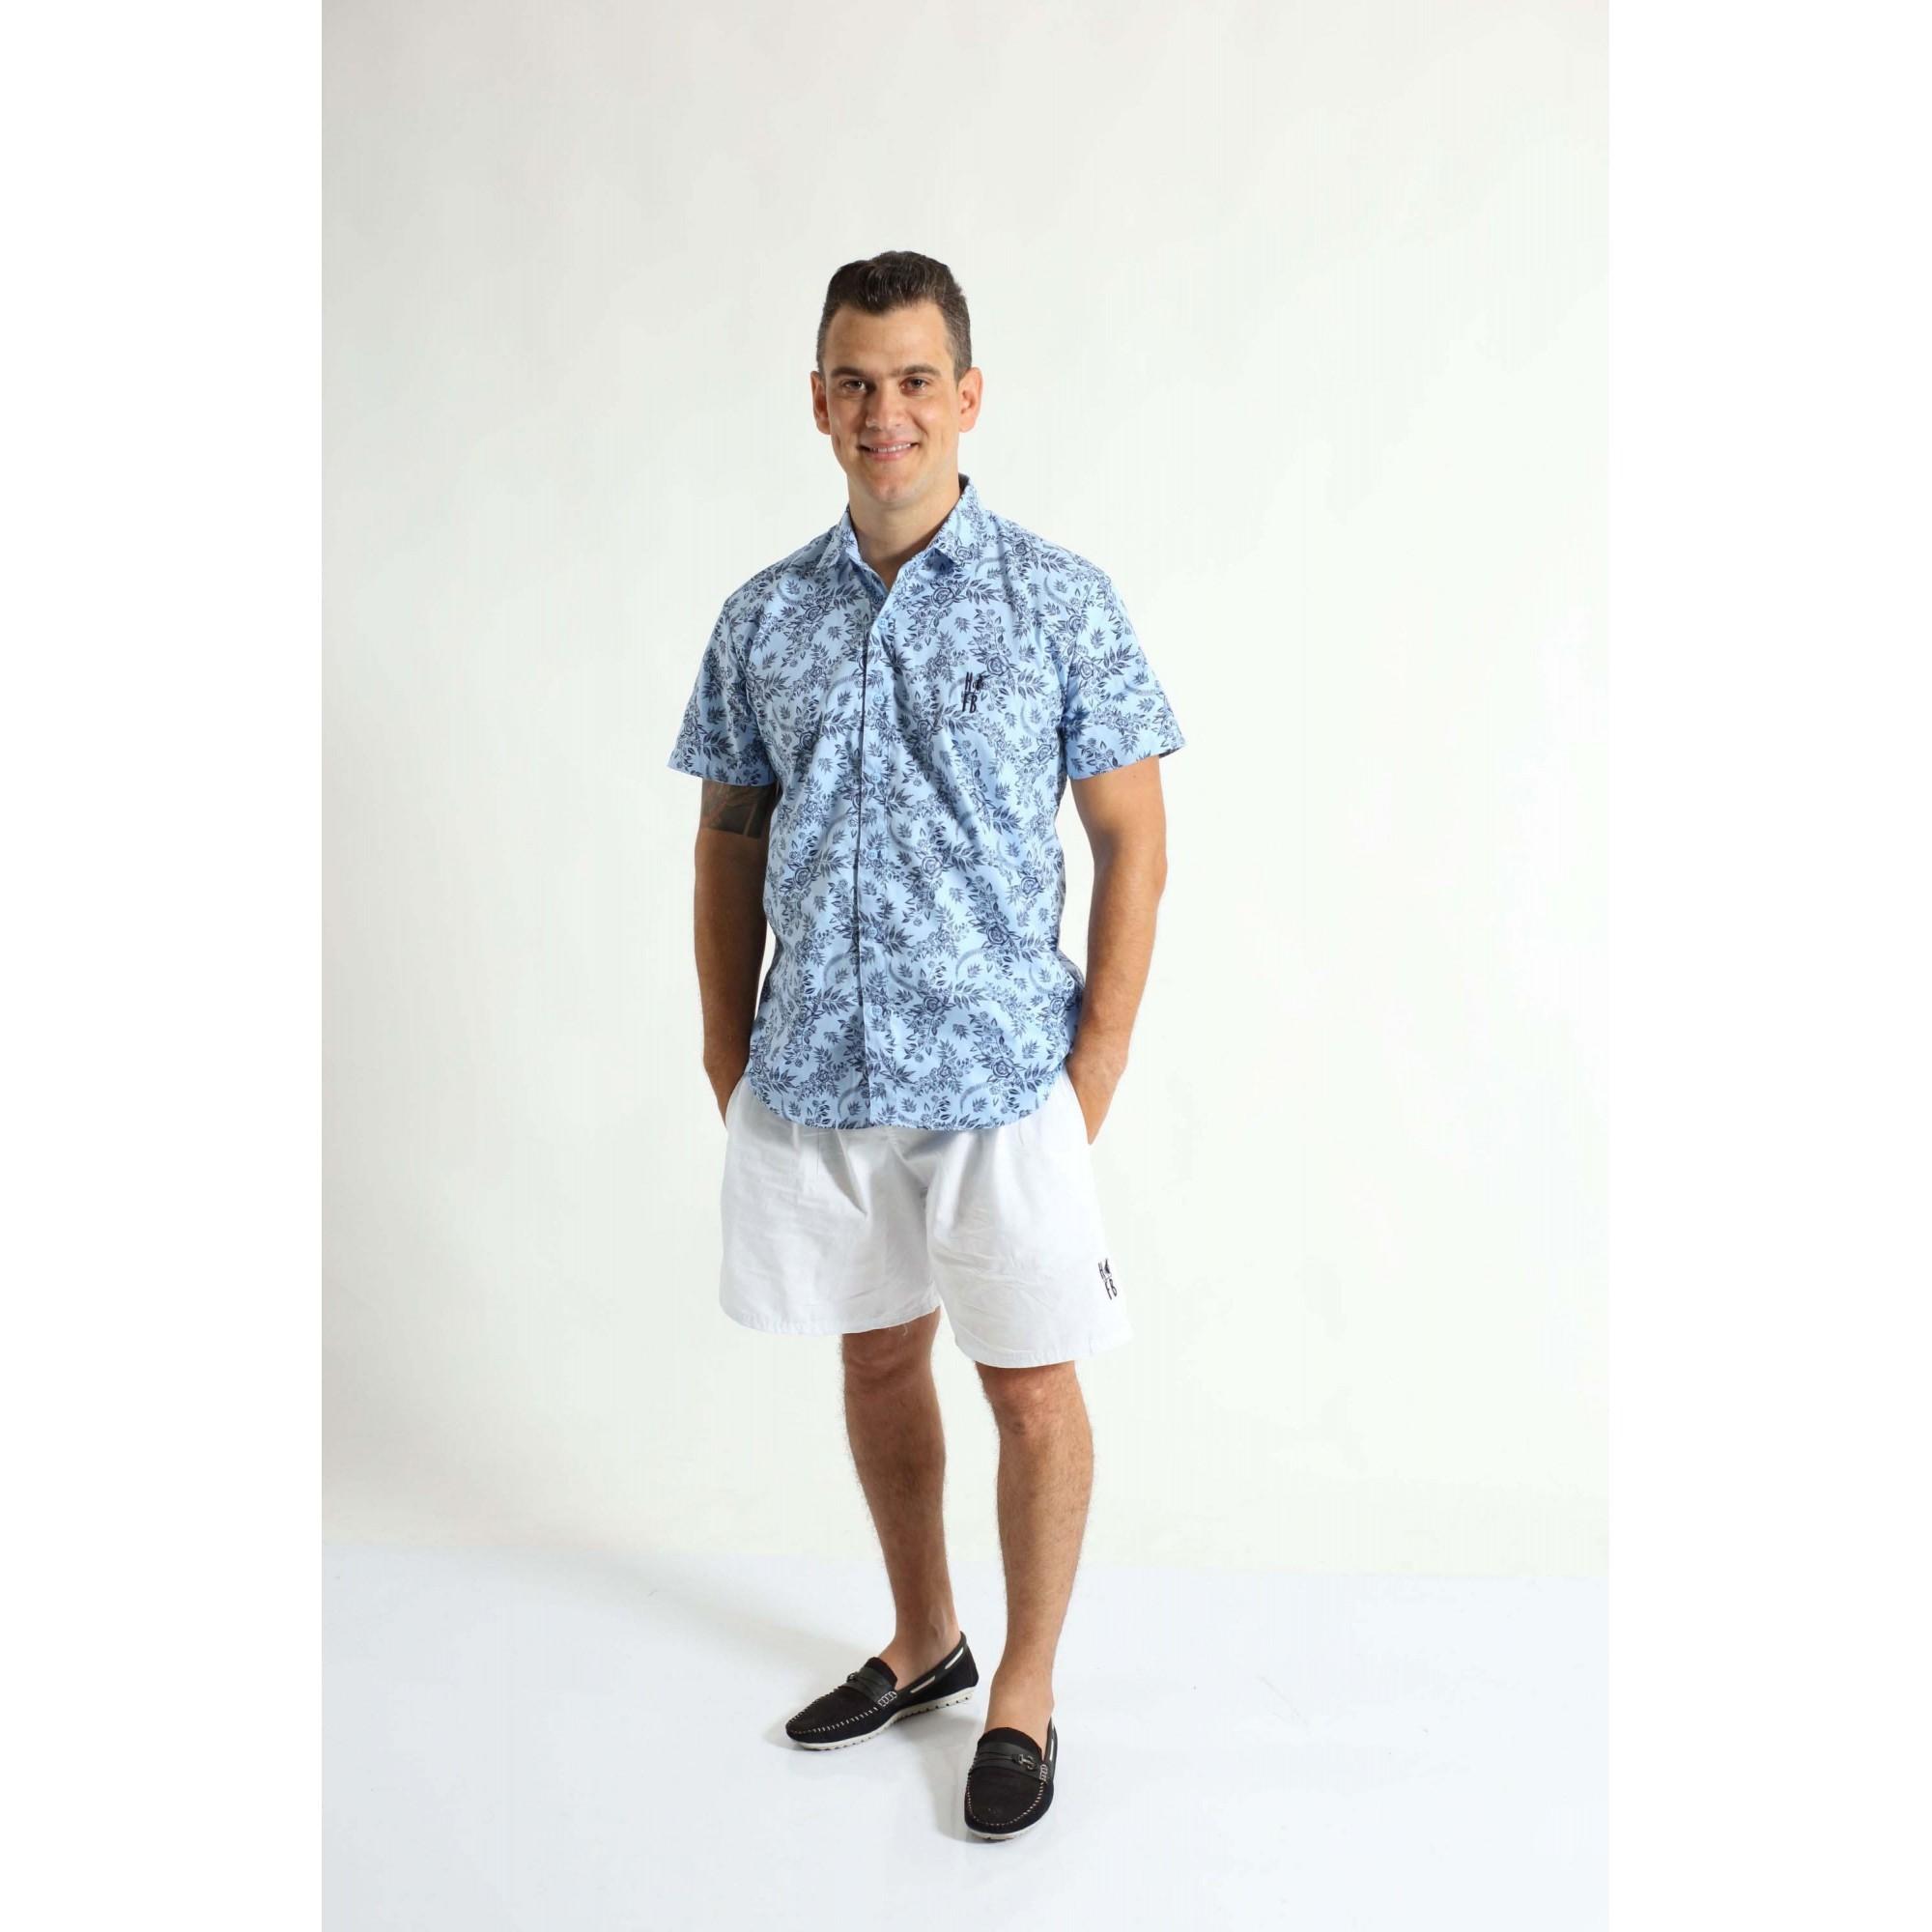 Camisa Social Manga Curta Azul Floral